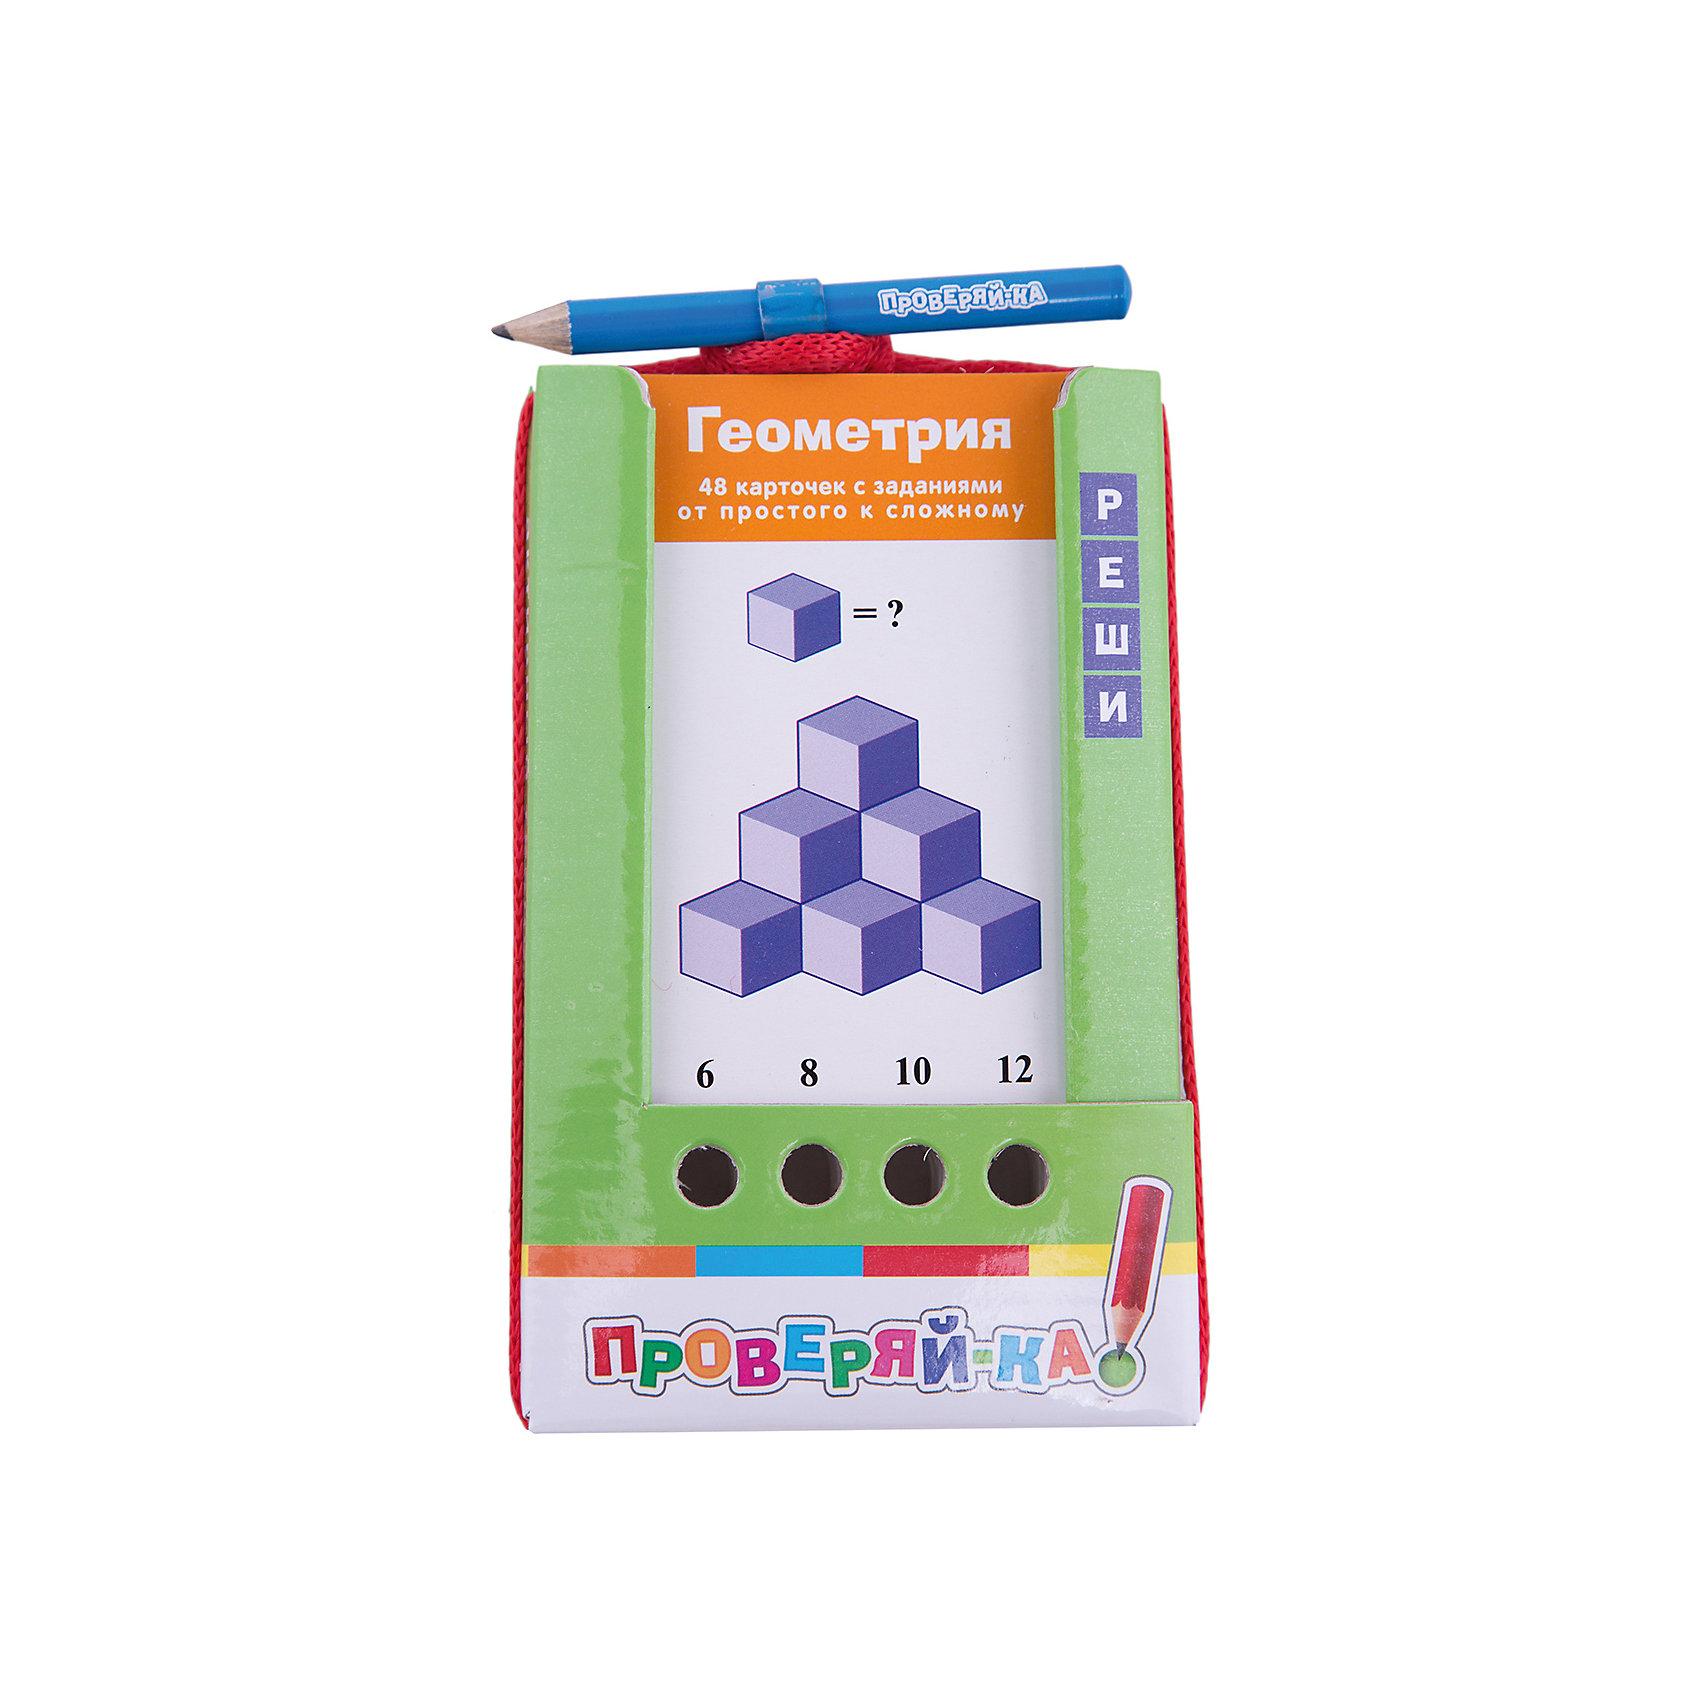 English: Проверяй-ка: ГеометрияИностранный язык<br>Комплект состоит из 48 двухсторонних карточек и рассчитан на две разных игры с цветной и чёрно-белой сторонами. Задания ориентированы на автоматизацию конструктивно-геометрических навыков, формирование пространственного и образного мышления.&#13;<br>Условия игры с карточками подразумевают их многократное использование. Простота и удобство комплекта позволяют организовать игру в школе и дома, а также в транспорте или на природе.&#13;<br>Благодаря игровой форме пособия учебный материал усваивается легче и без принуждения, реализуется безопасное для здоровья ребёнка обучение.<br><br>Ширина мм: 22<br>Глубина мм: 90<br>Высота мм: 140<br>Вес г: 120<br>Возраст от месяцев: 84<br>Возраст до месяцев: 120<br>Пол: Унисекс<br>Возраст: Детский<br>SKU: 6849604